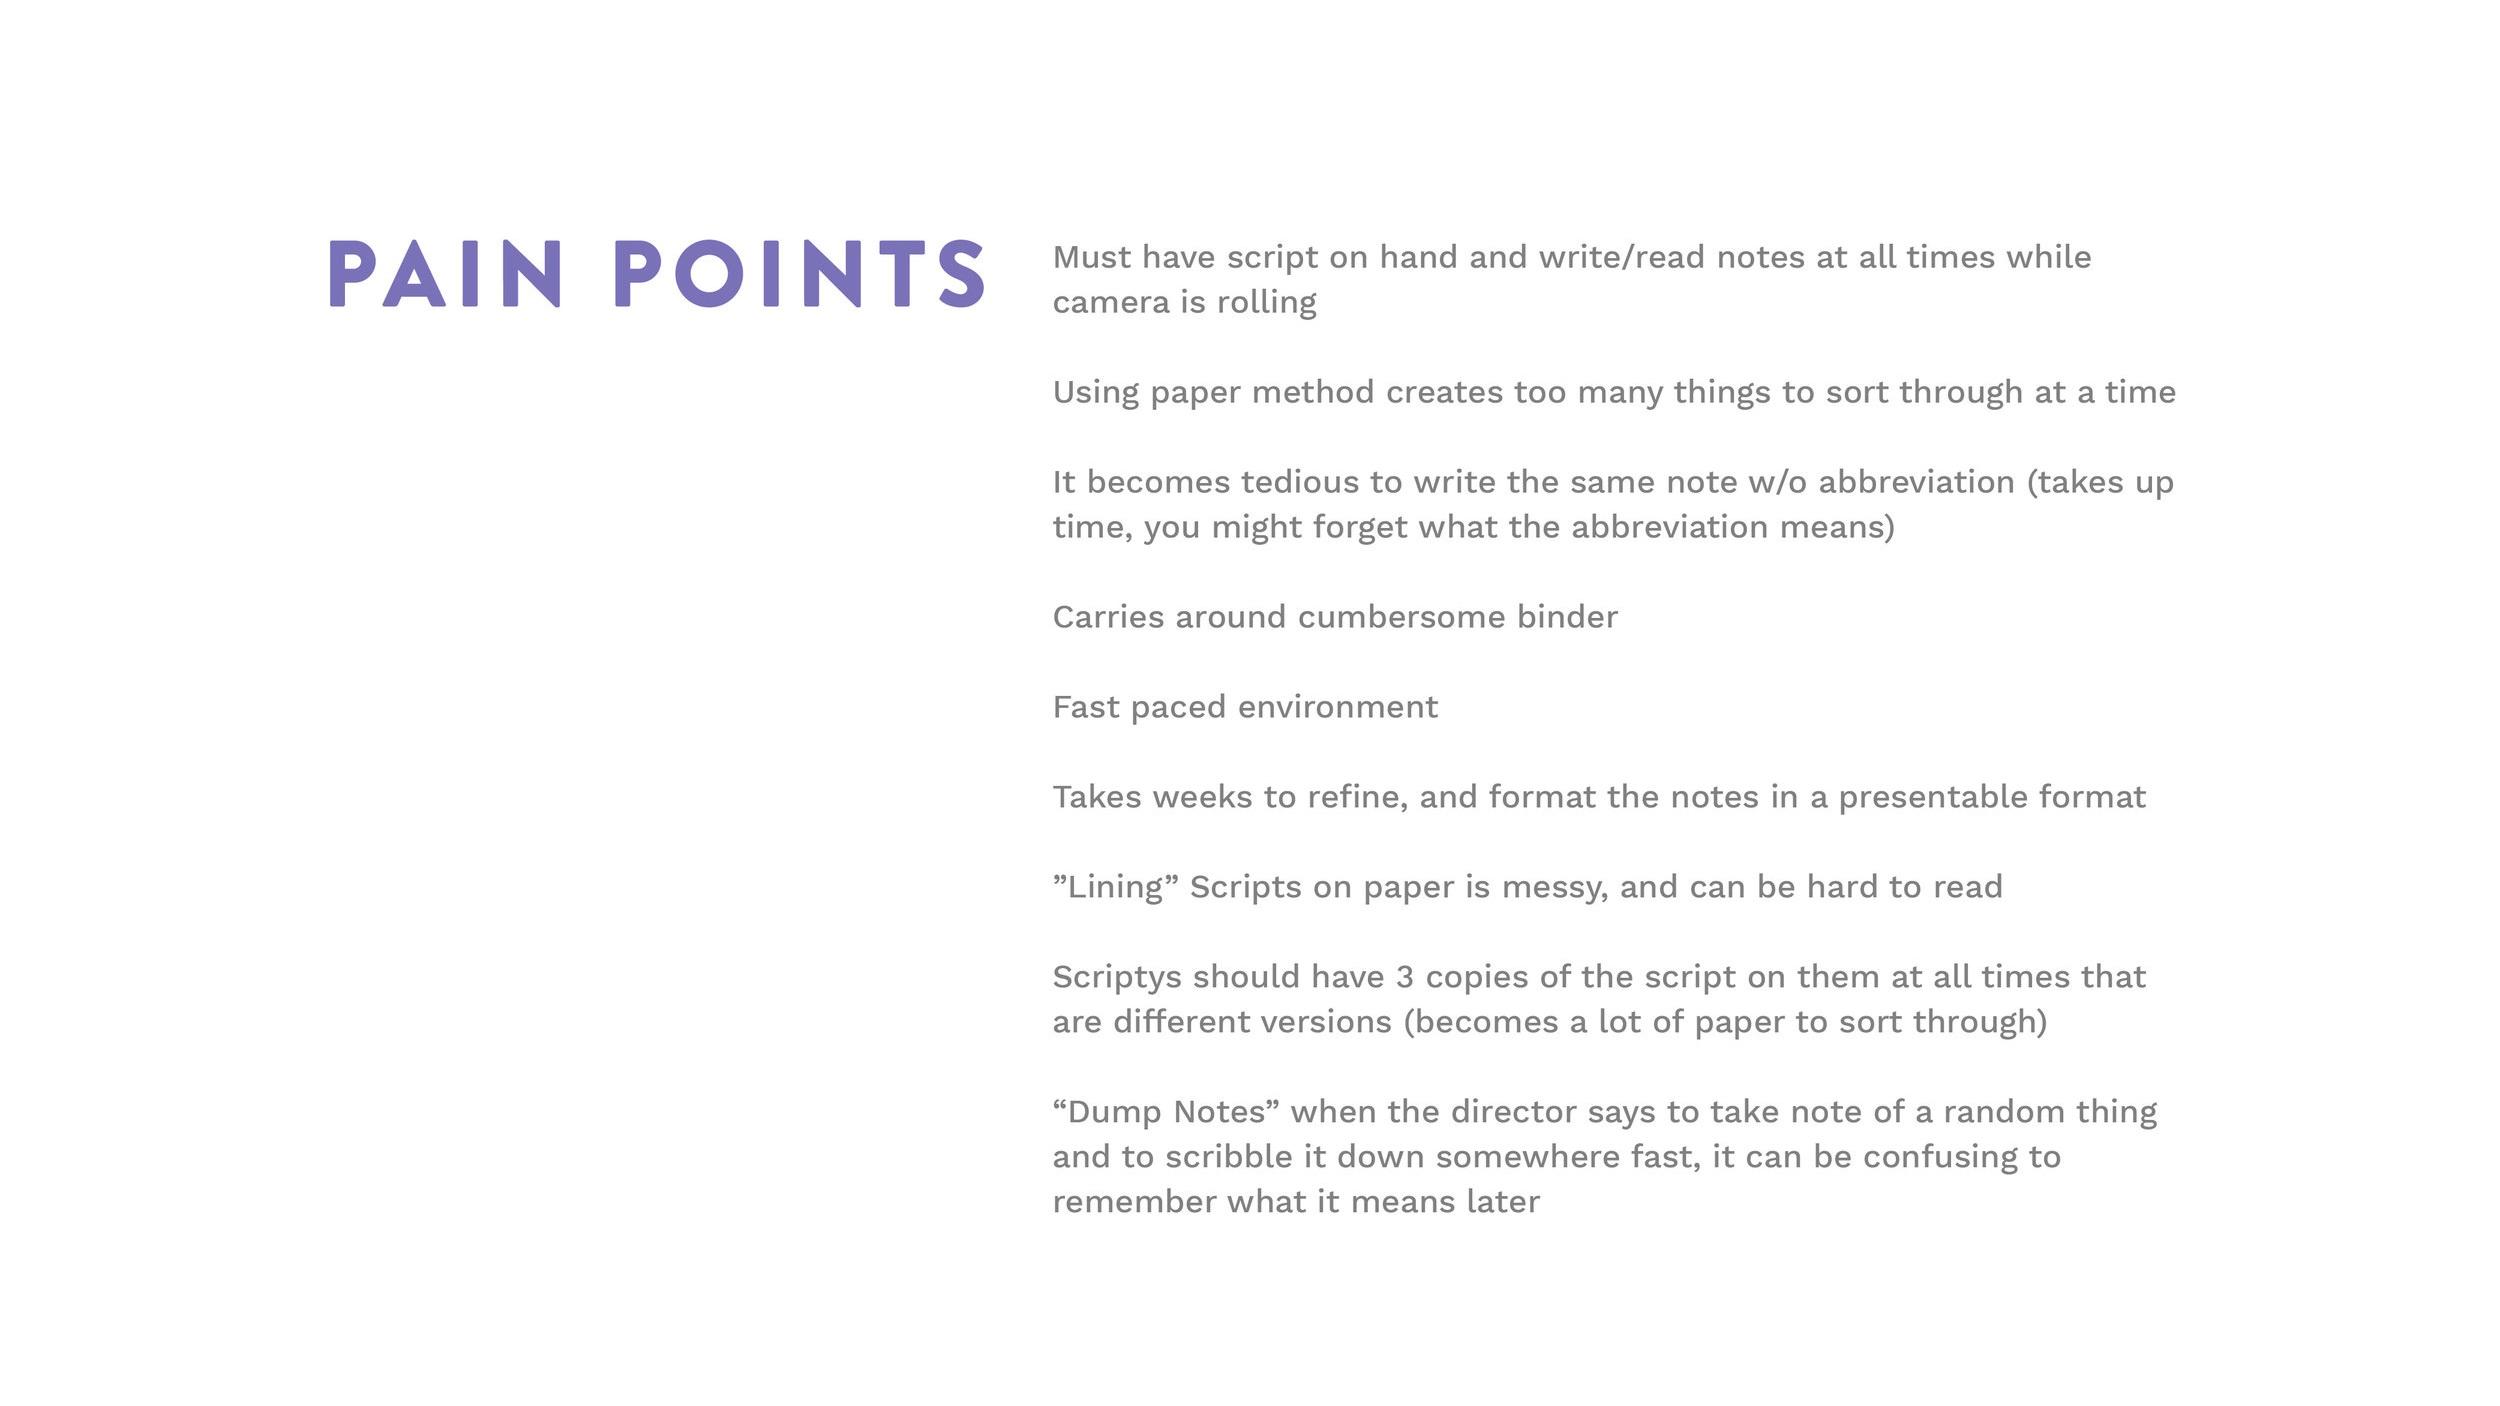 painpoints-01-01.jpg